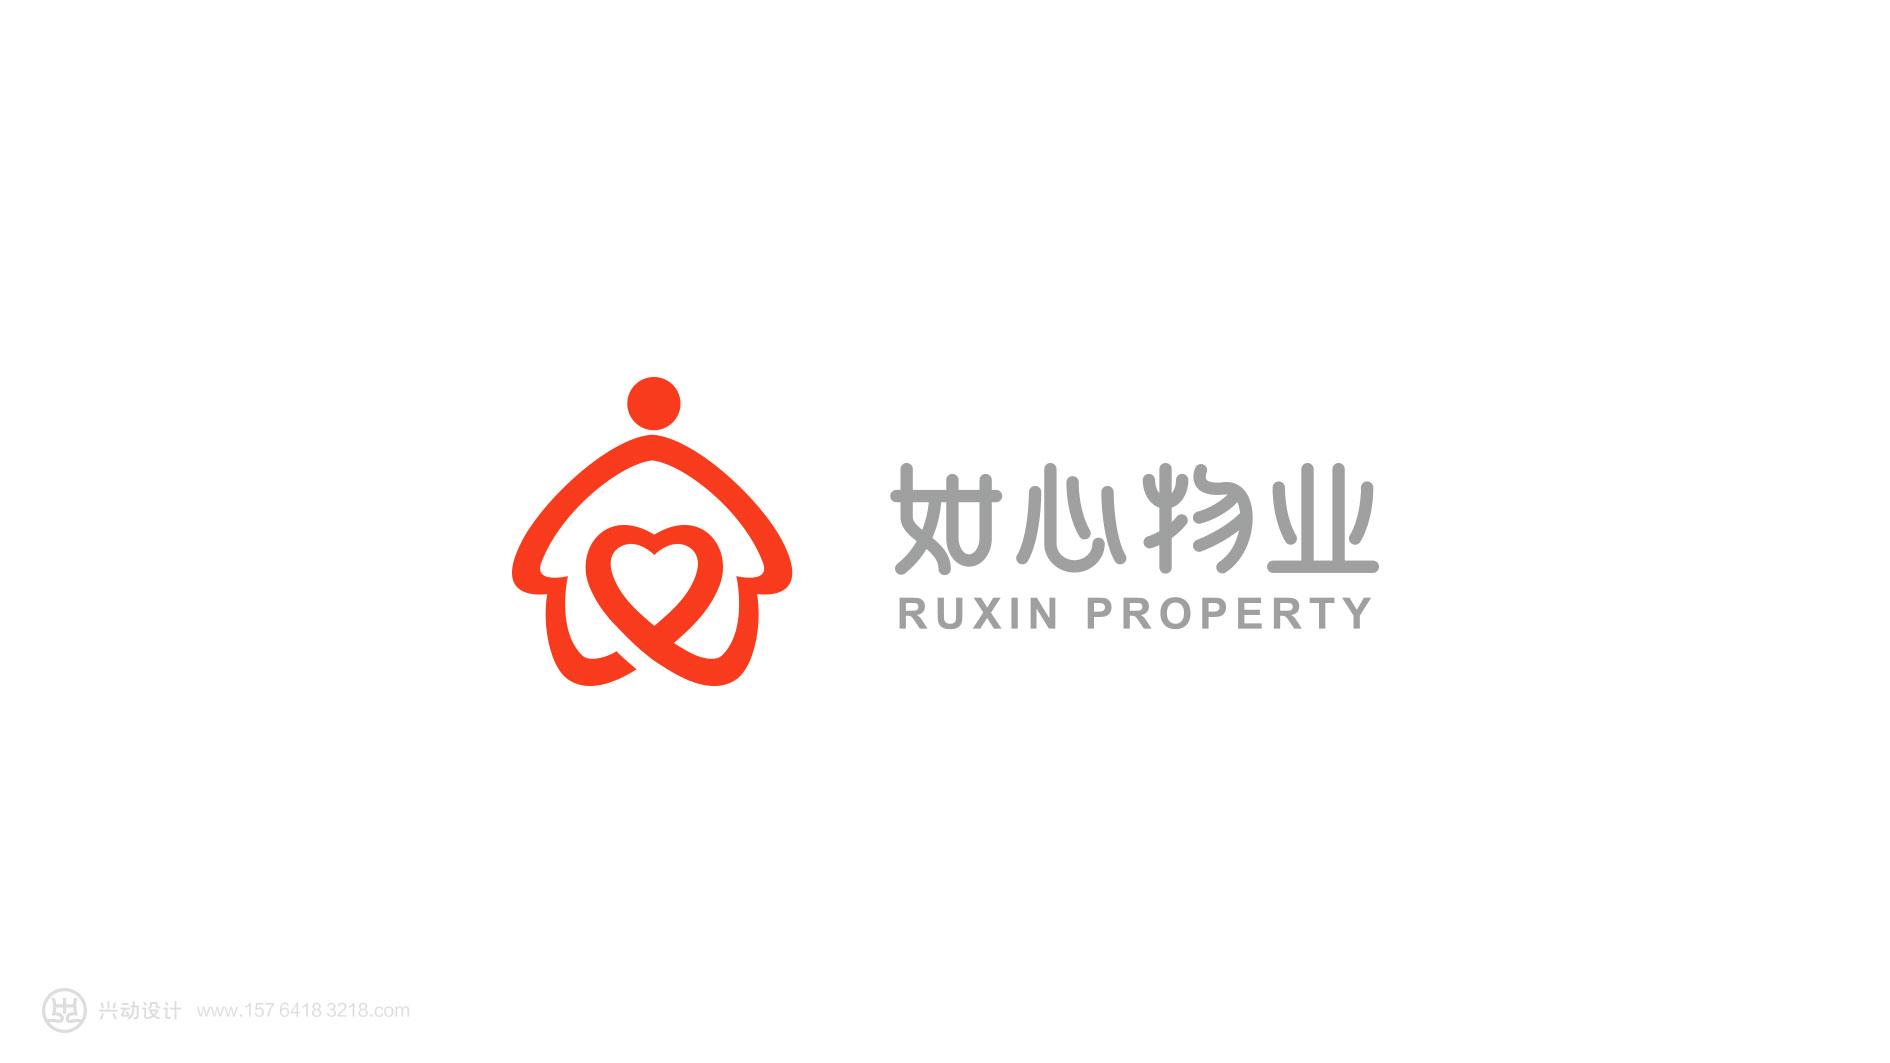 物业公司logo设计